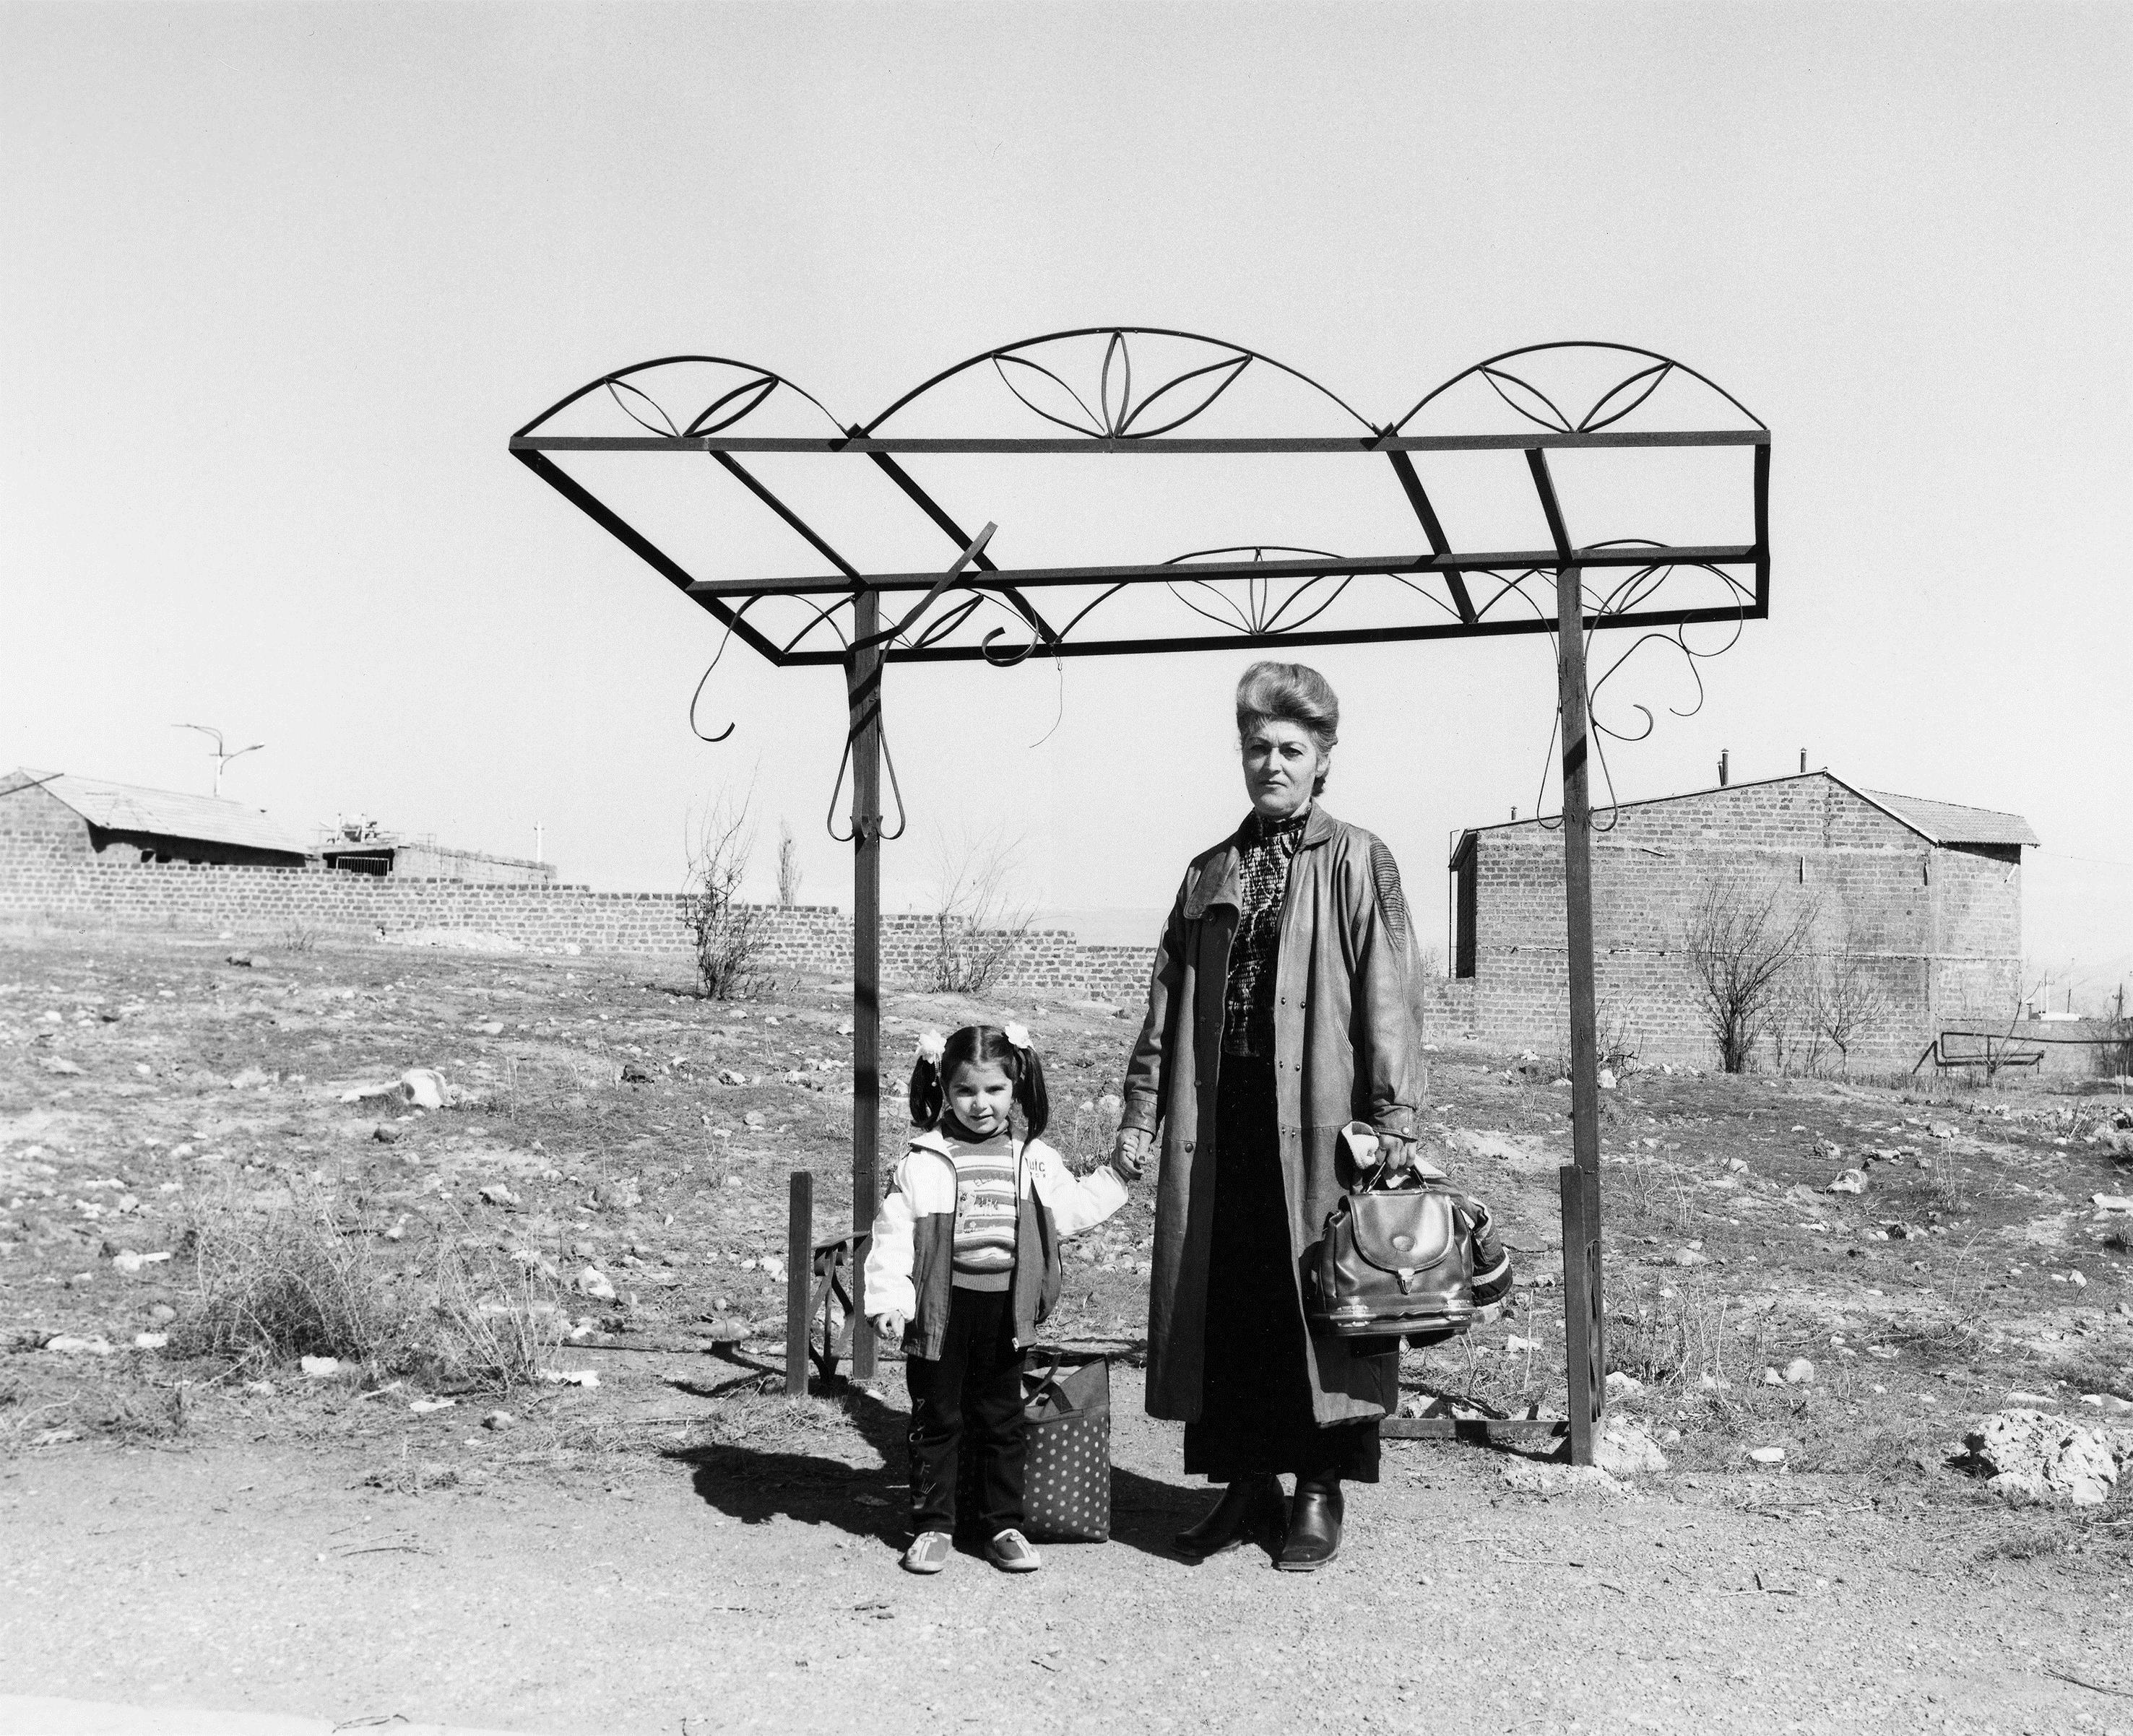 Ursula Schulz-Dornburg (*1938) Erevan-Parakar, 2004 Aus der Serie Bushaltestellen, Armenien Fotografie, Barytabzug, 30 x 40 cm © Ursula Schulz-Dornburg